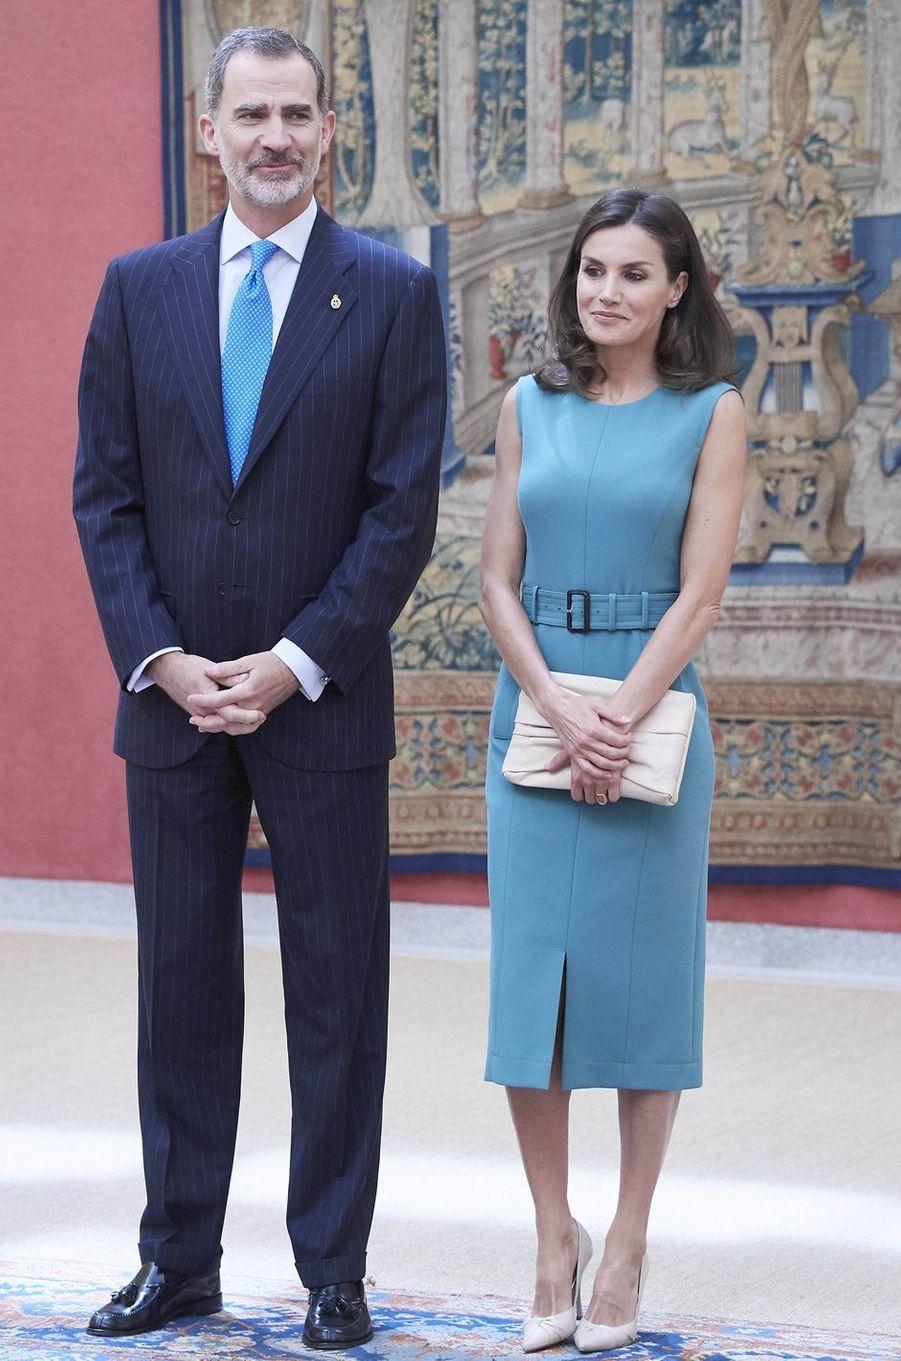 Le roi Felipe VI et la reine Letizia d'Espagne à Madrid, le 26 juin 2019